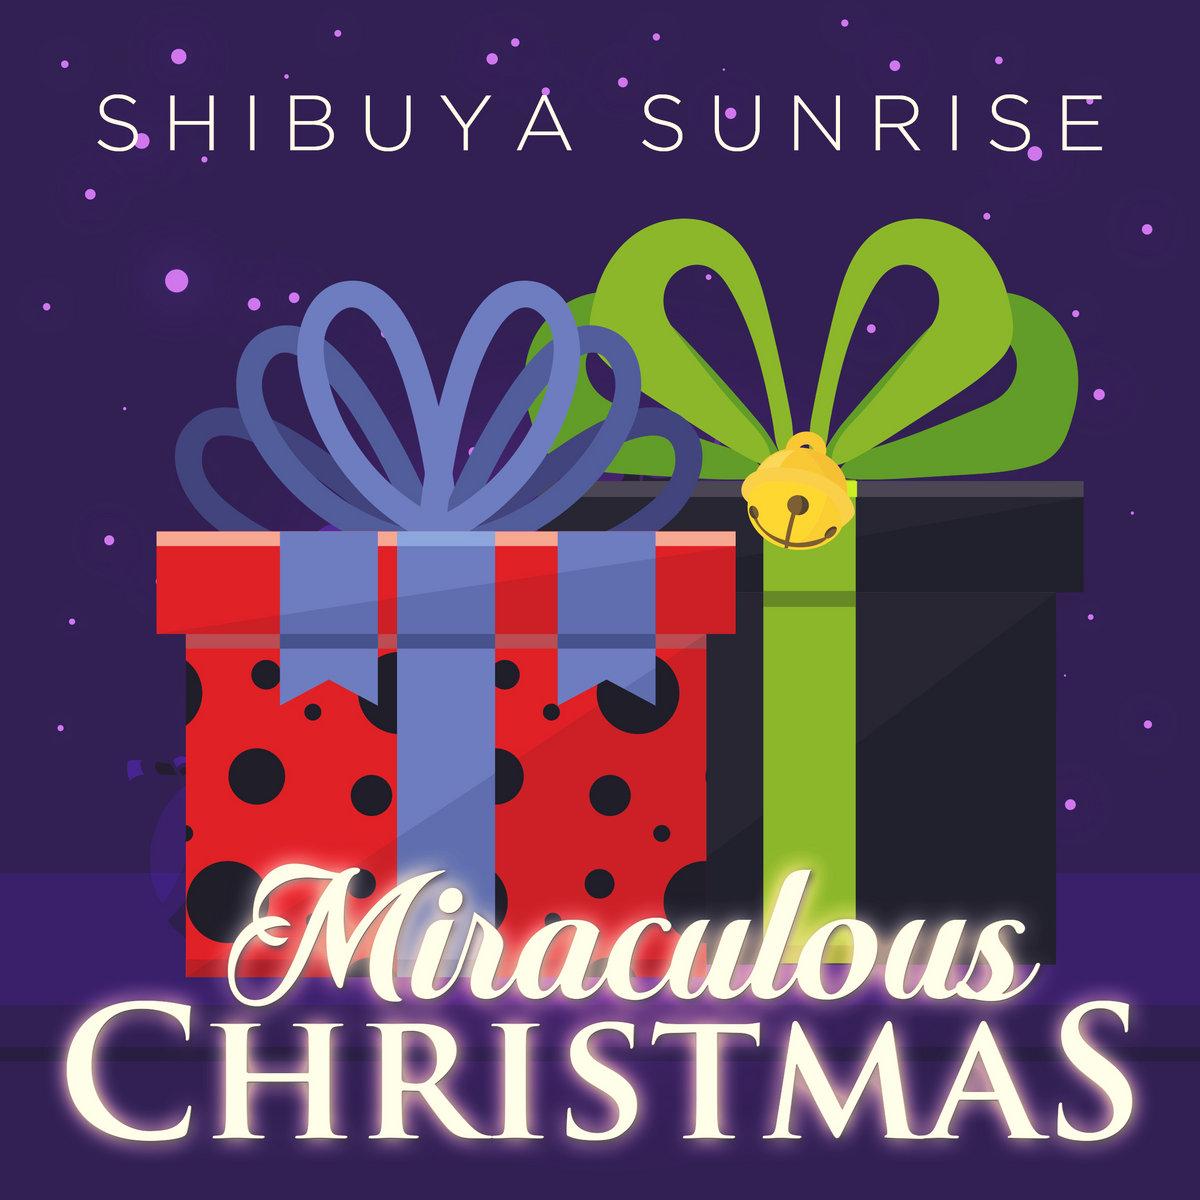 Miraculous Ladybug Christmas Special.Miraculous Christmas Inspired By Ladybug Shibuya Sunrise